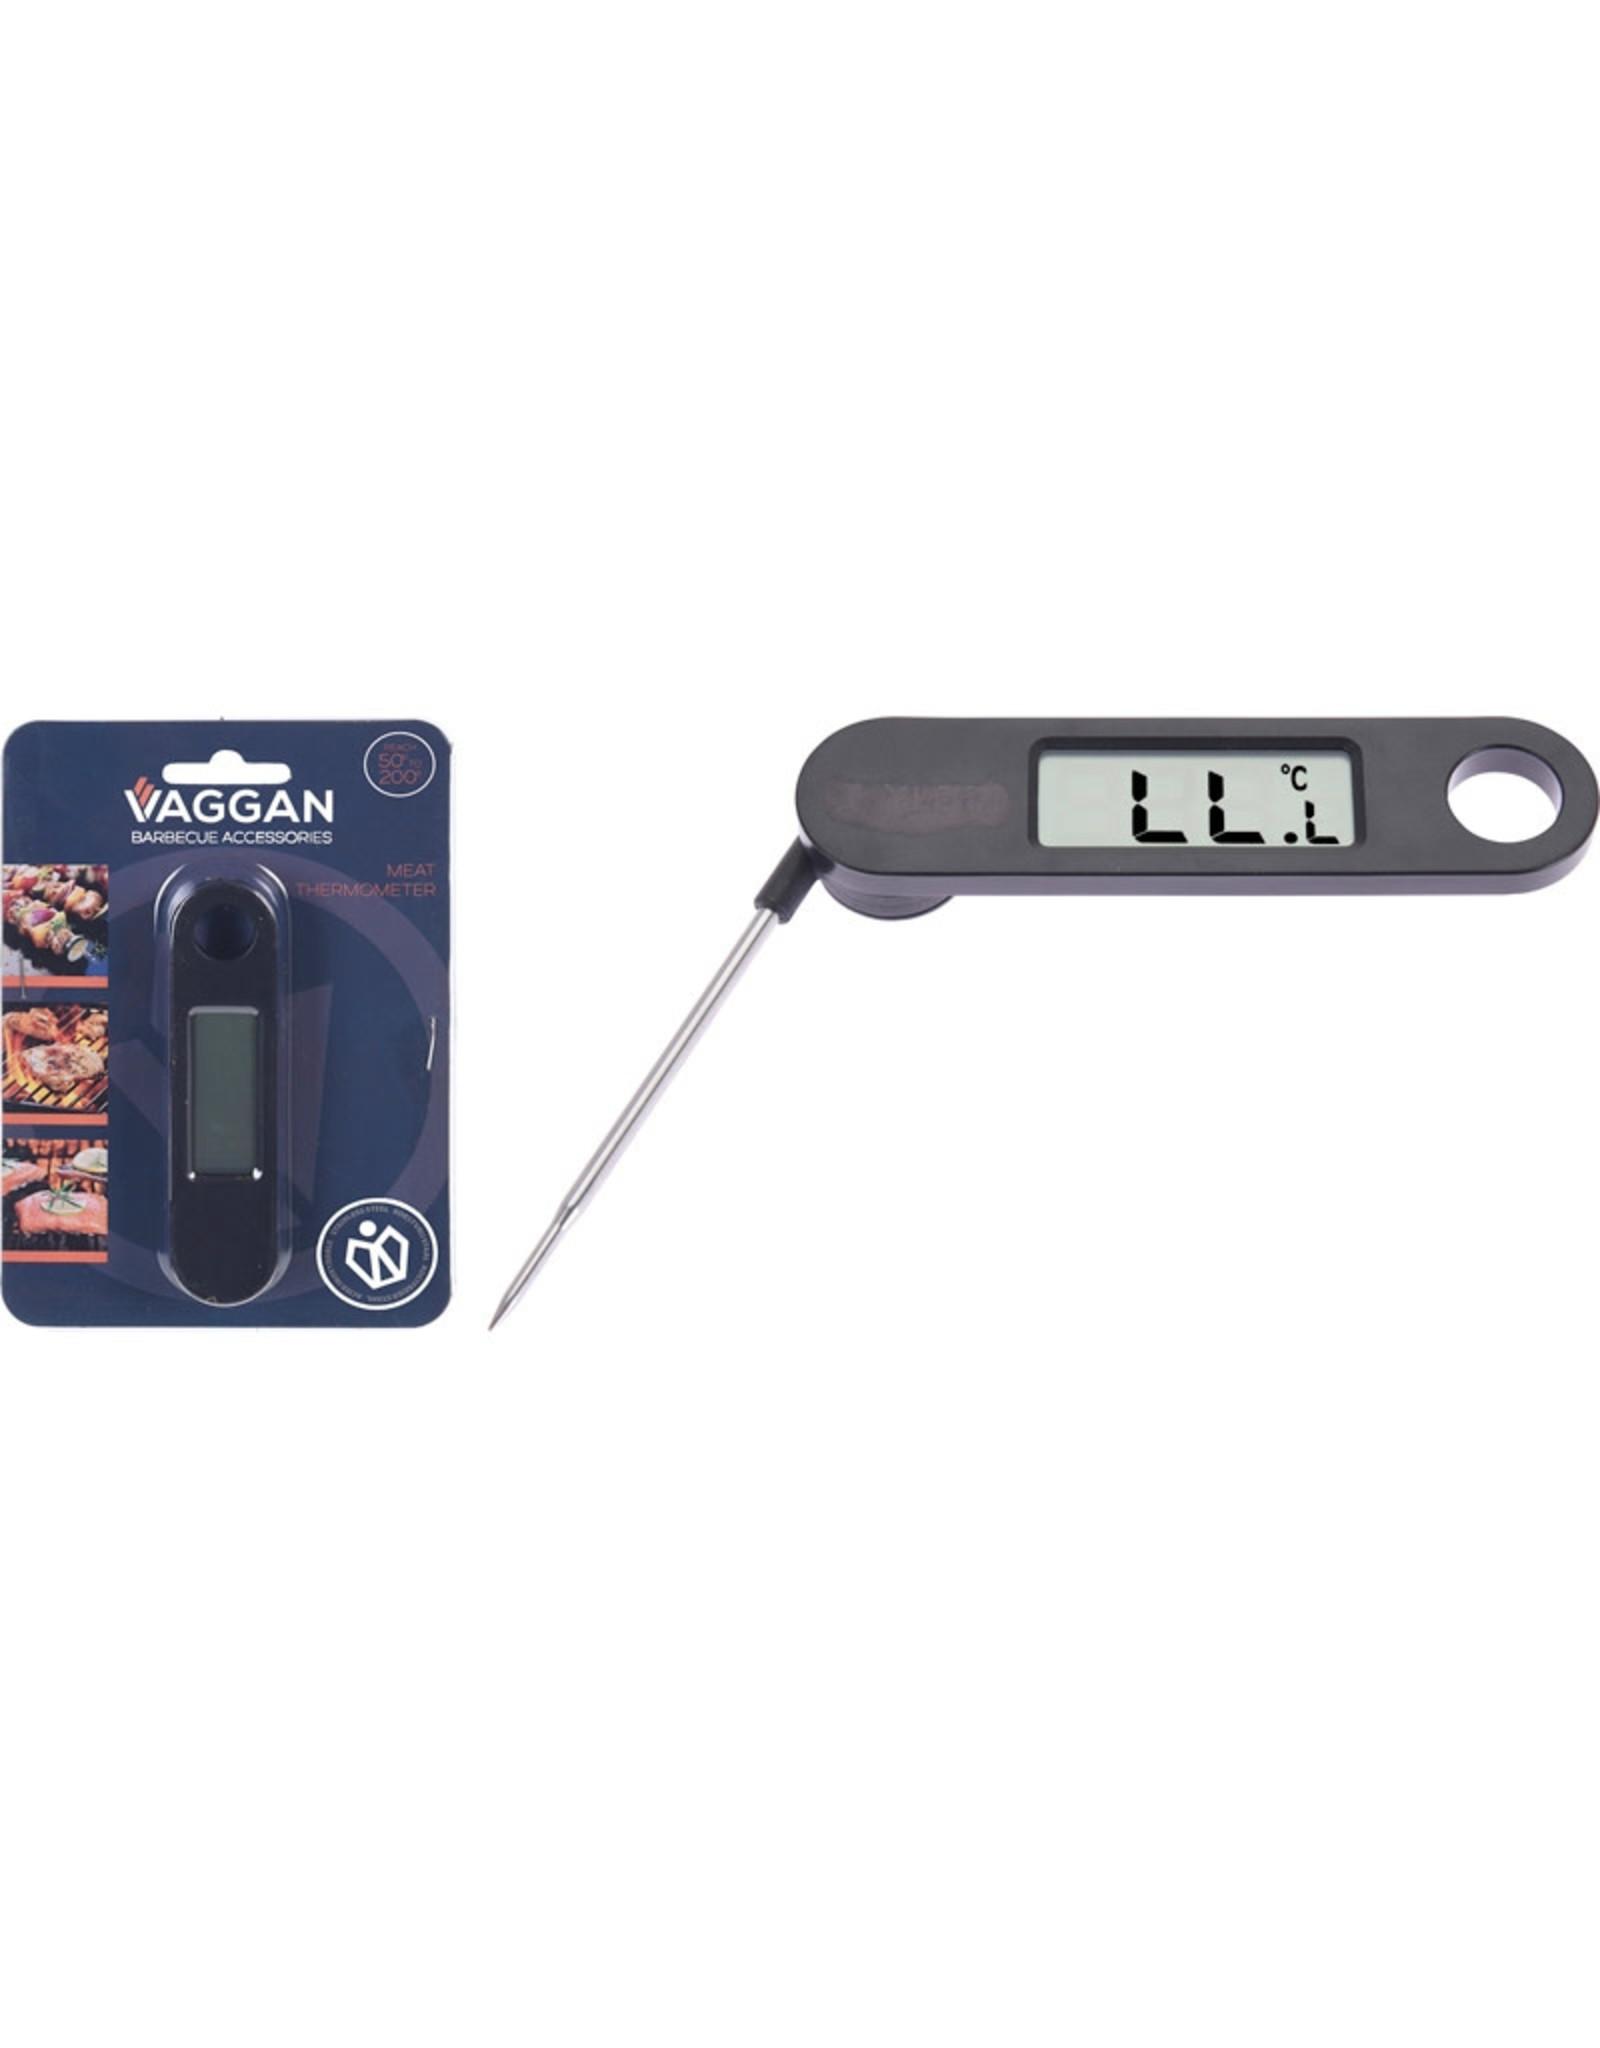 Vaggan Vleesthermometer prikker digitaal